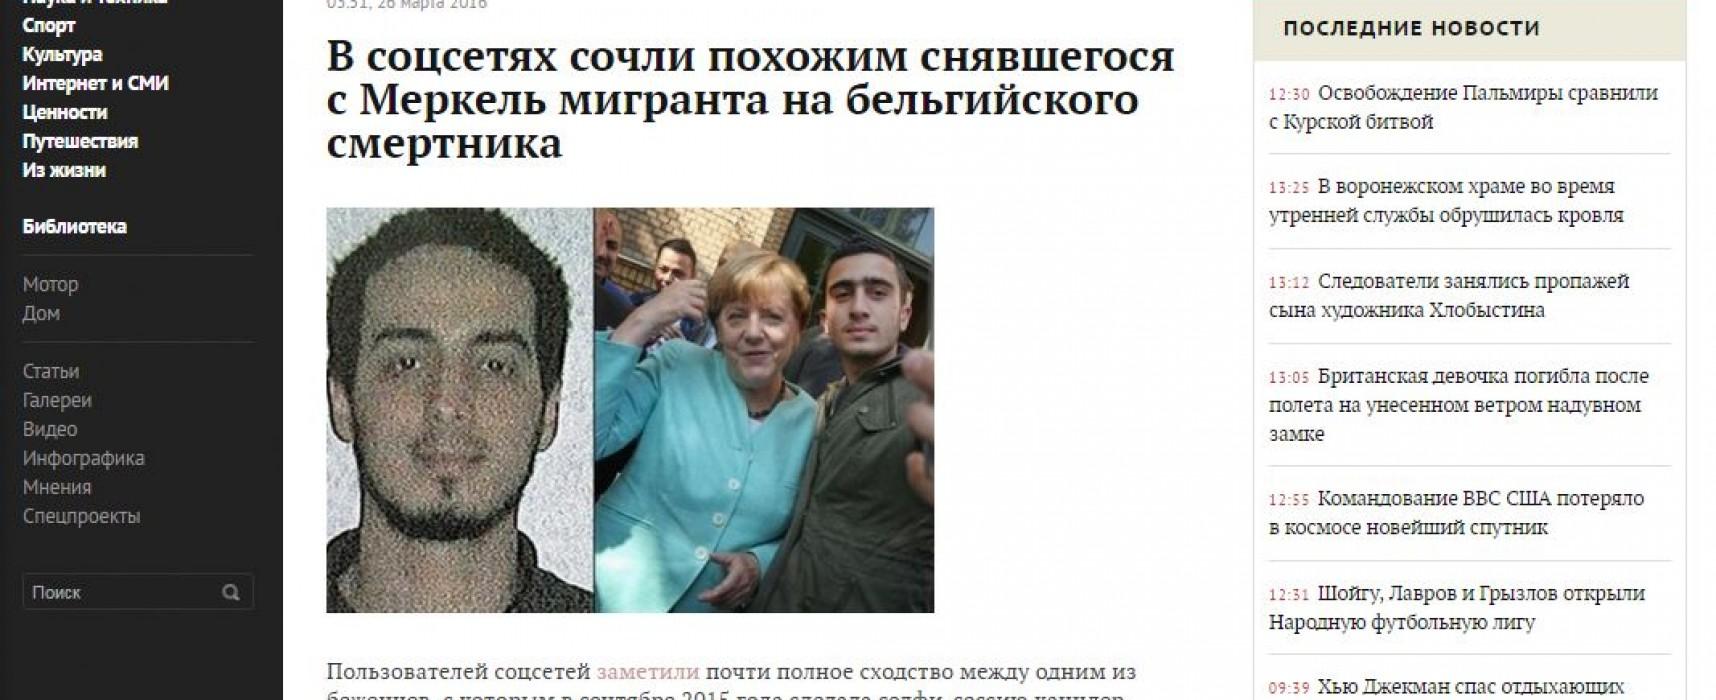 Фейк: Меркел си направила селфи с белгийския терорист